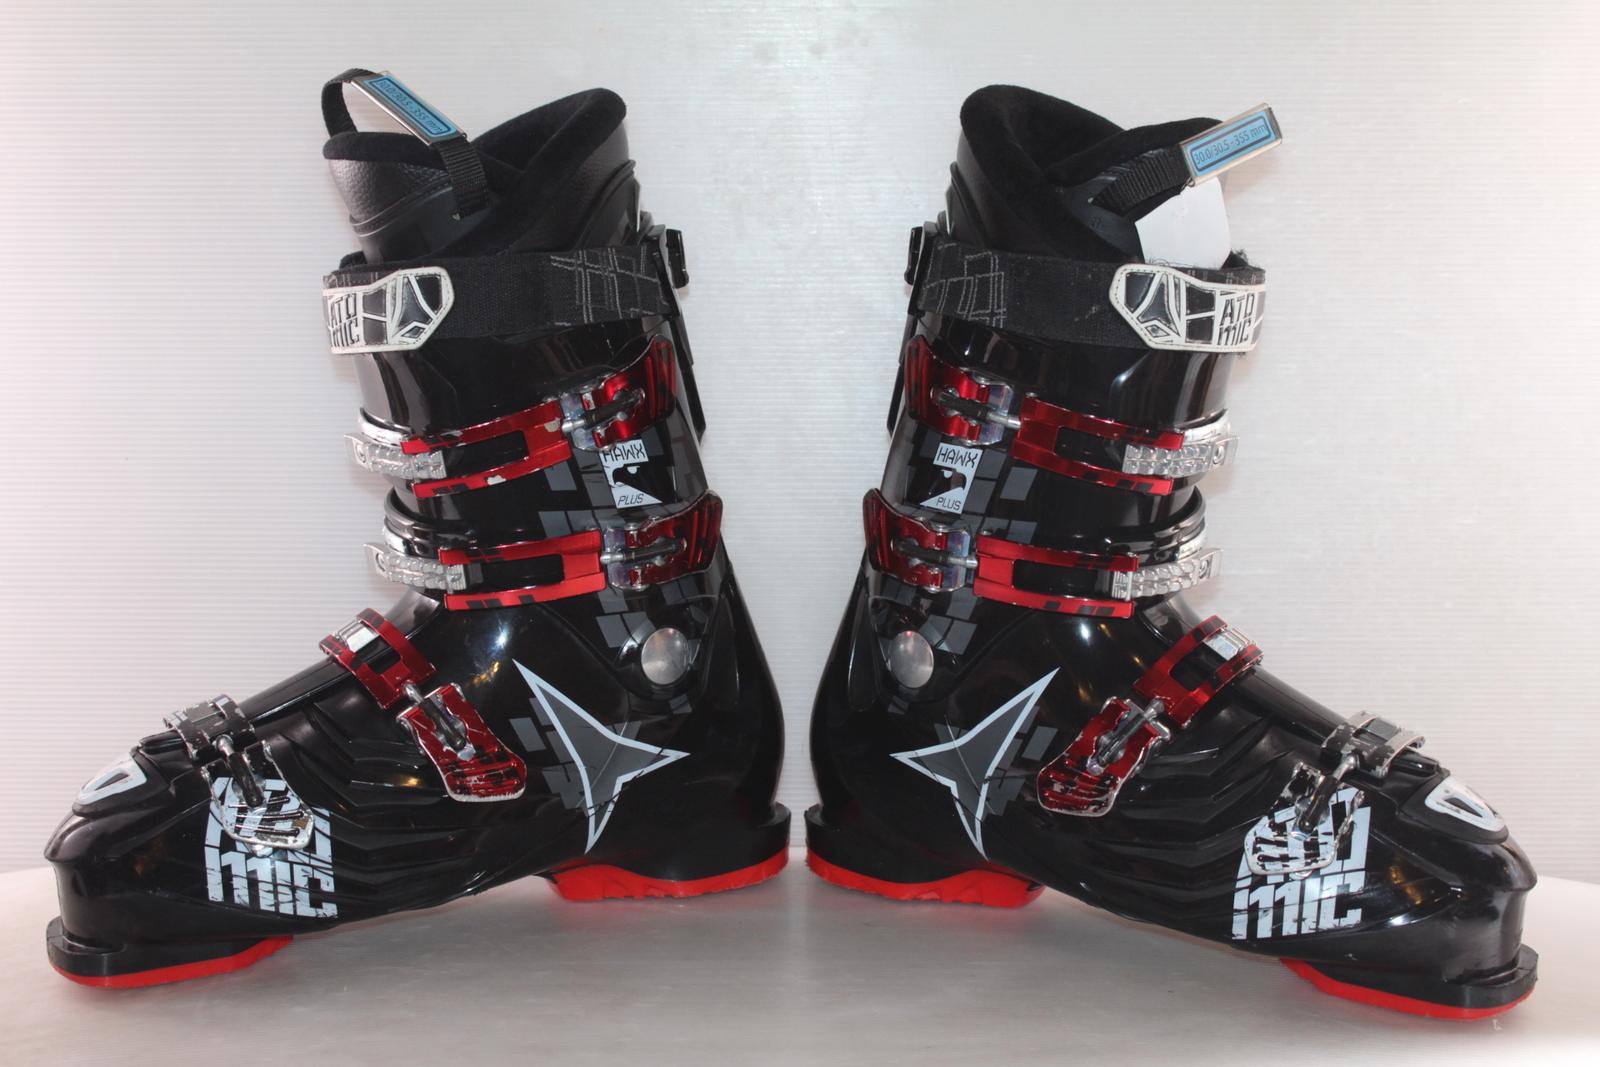 Lyžařské boty Atomic Hawx plus vel. EU46.5 flexe 90